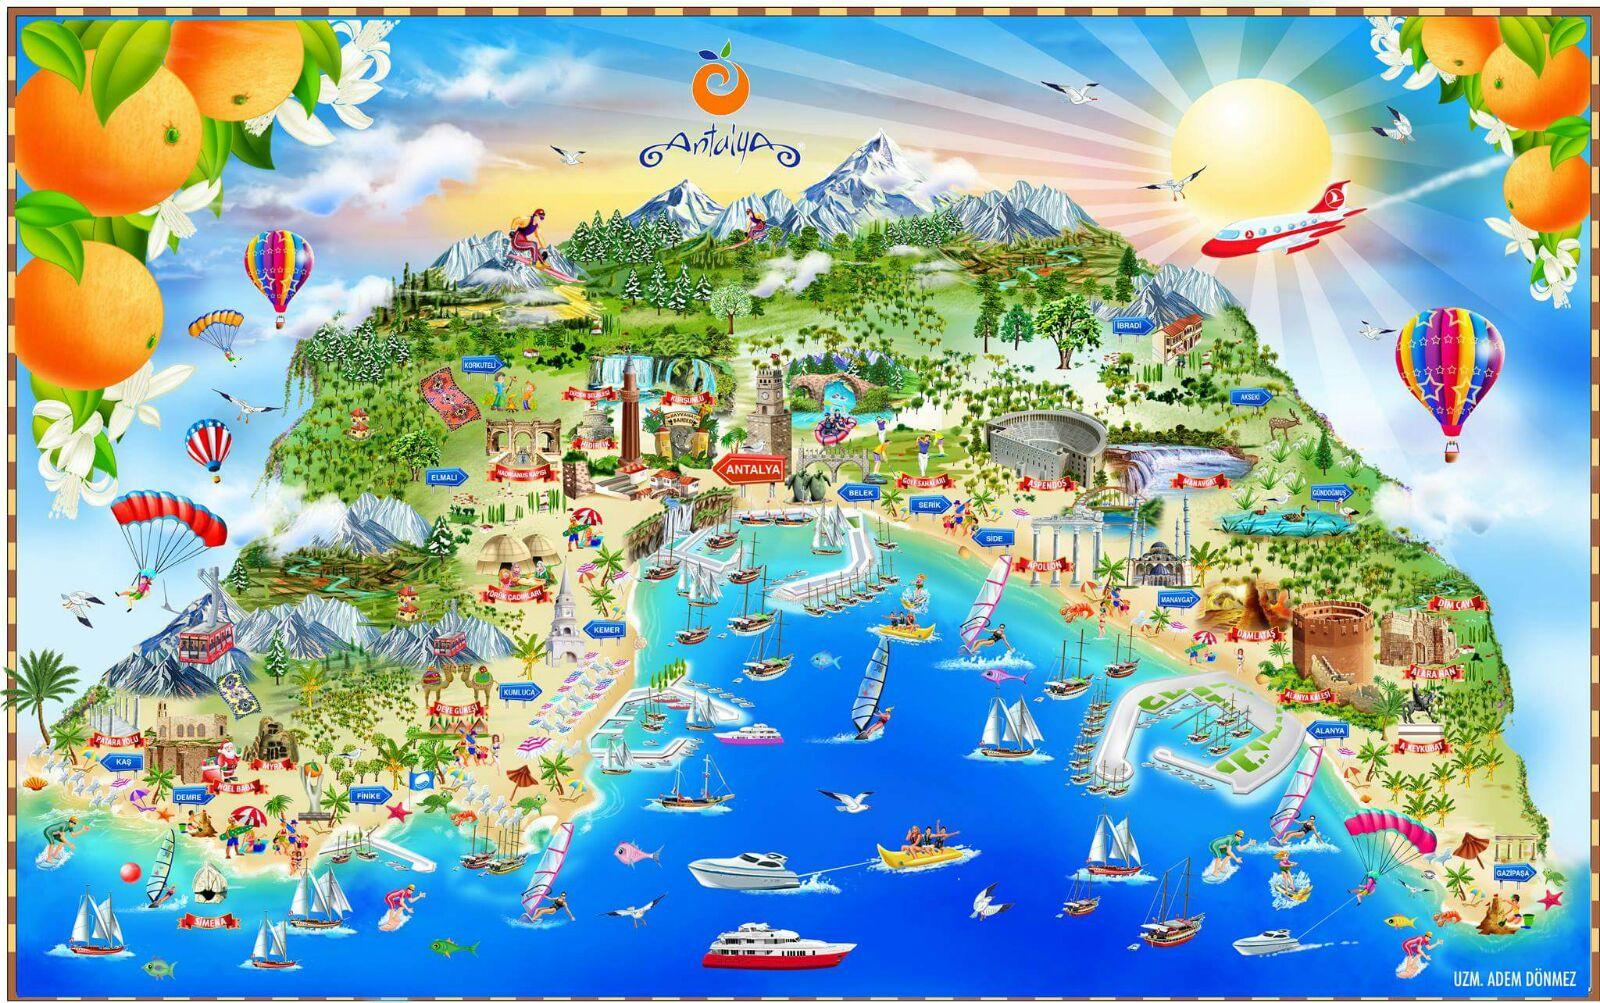 Antalya turistik illustrasyon haritası / touristic cartoon map of Antalya  illüstrasyon : Adem Dönmez